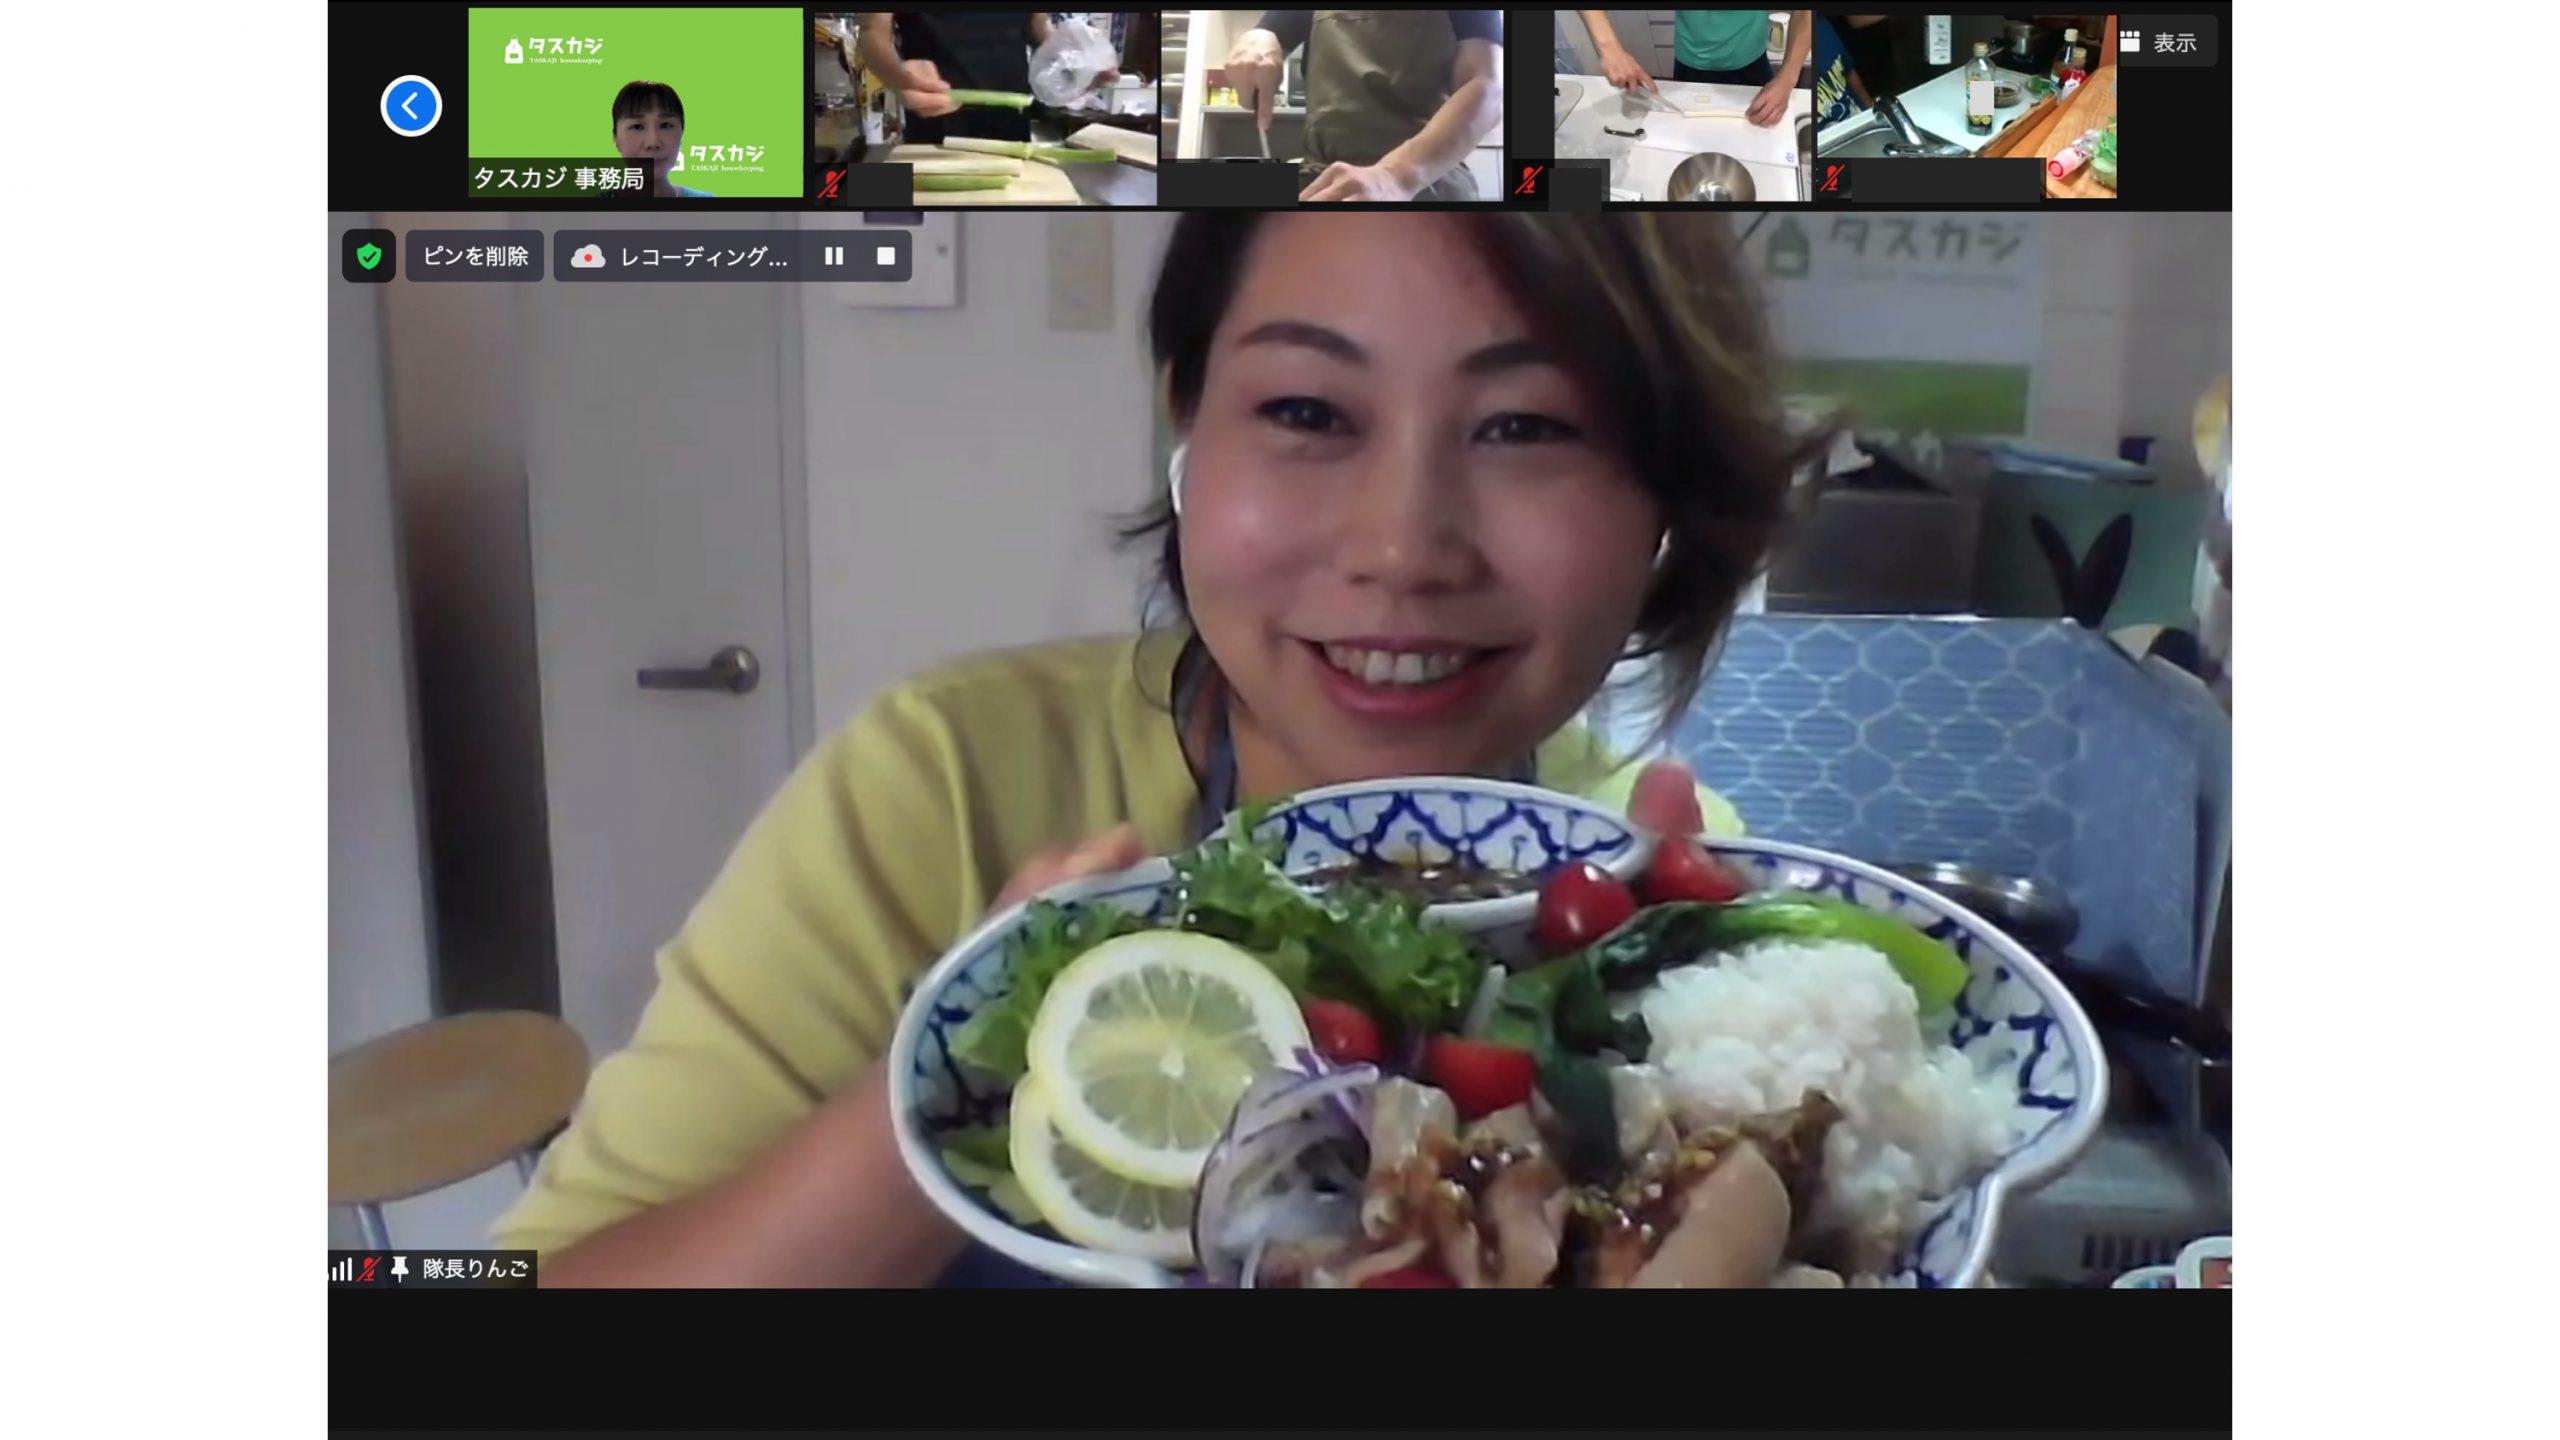 【開催レポート】<大津市×タスカジブートキャンプ> おとう飯はじめよう!「パパの料理入門教室」を開催しました